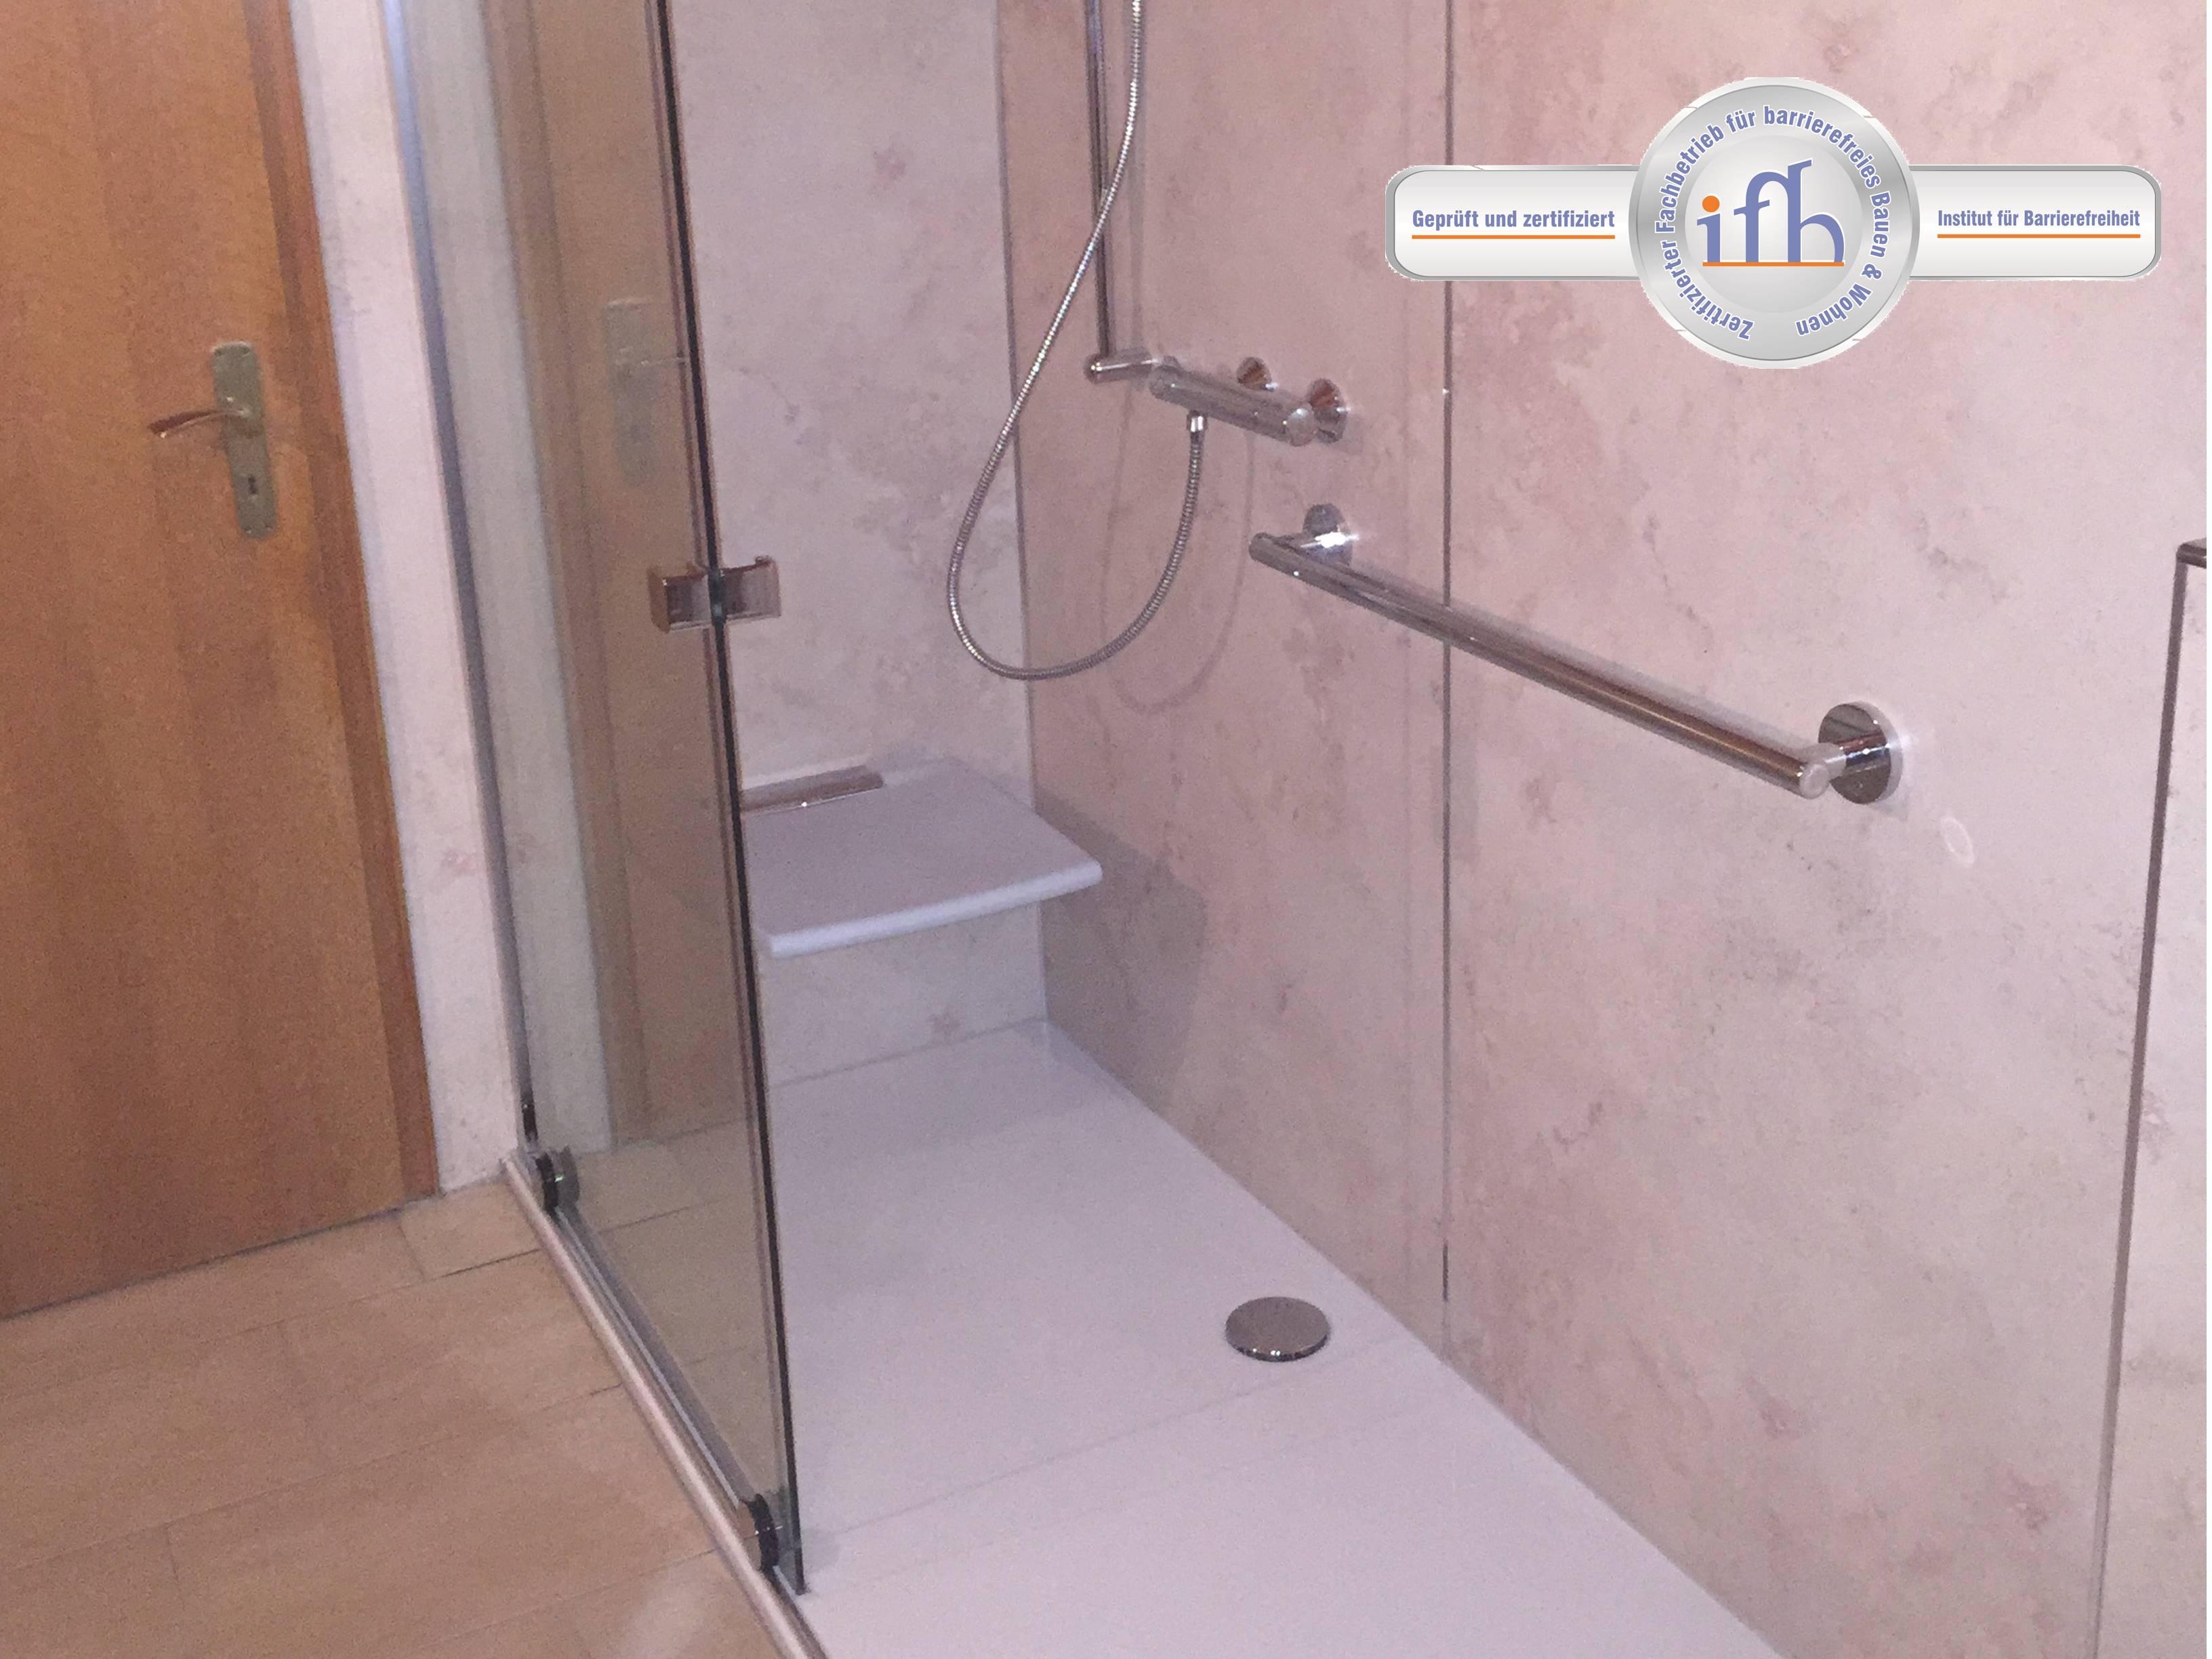 Barrierefreie Badezimmer - was bedeutet das?